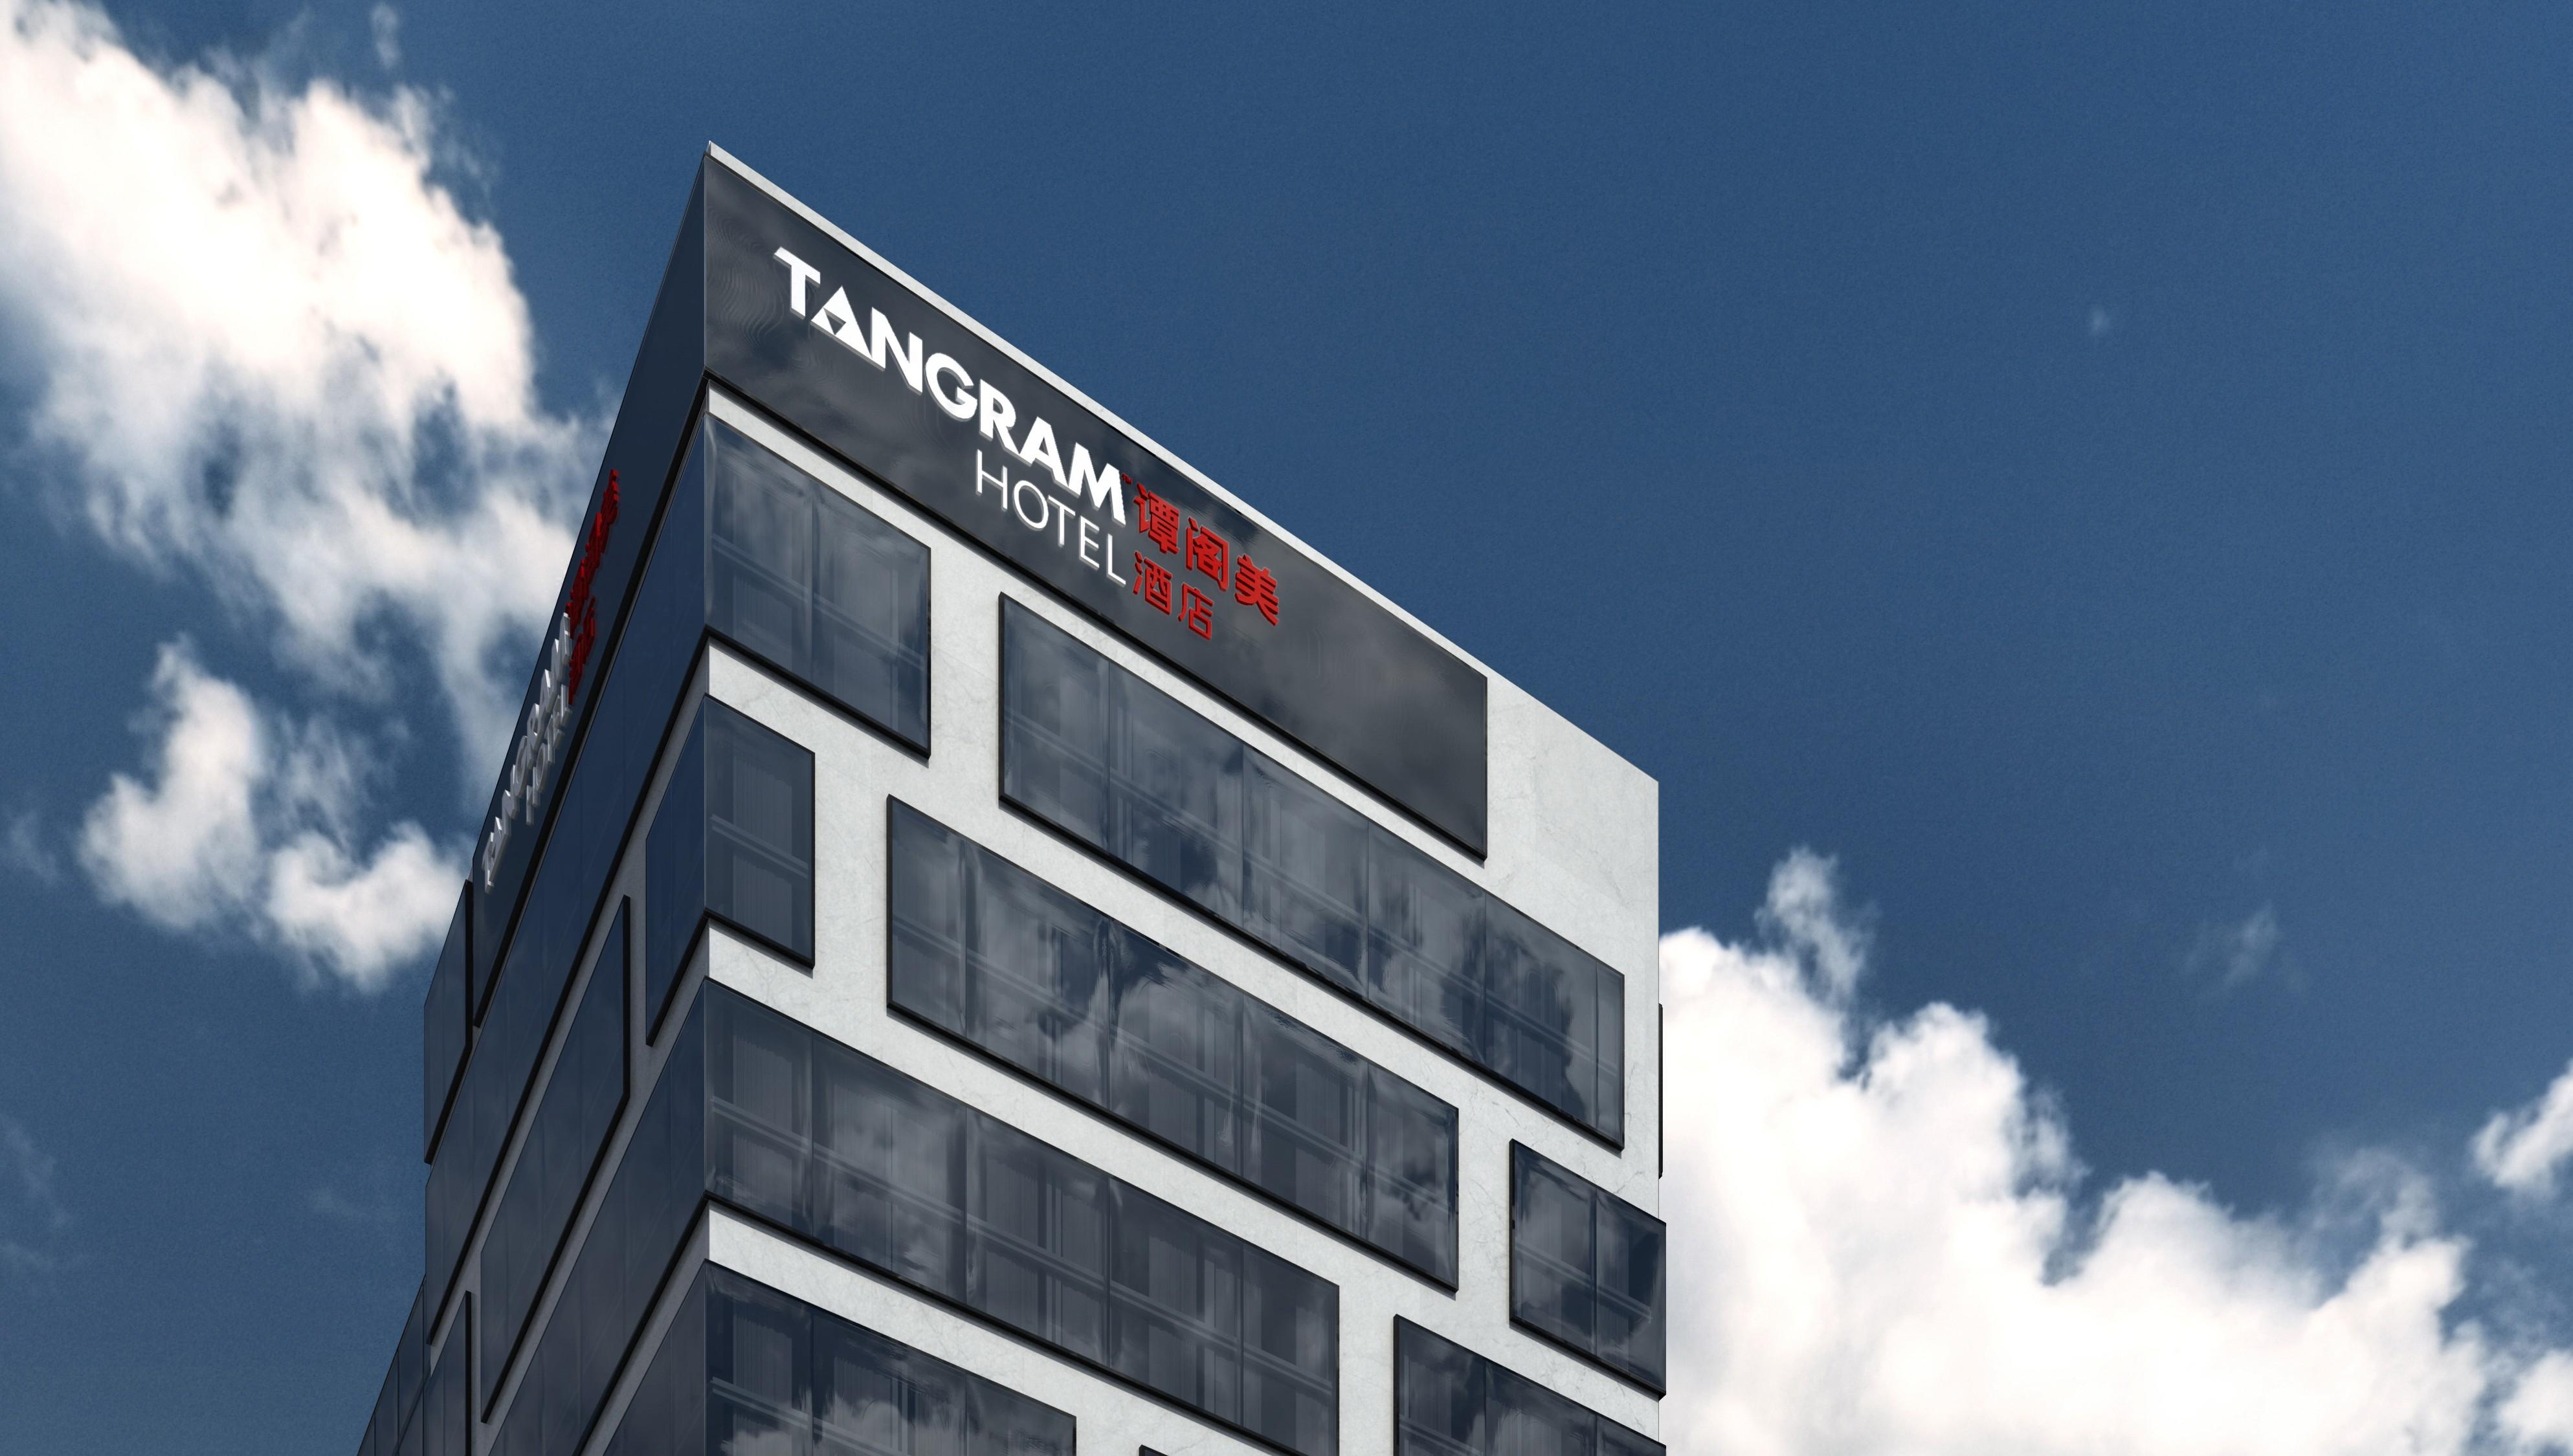 Tangram Hotel Facade